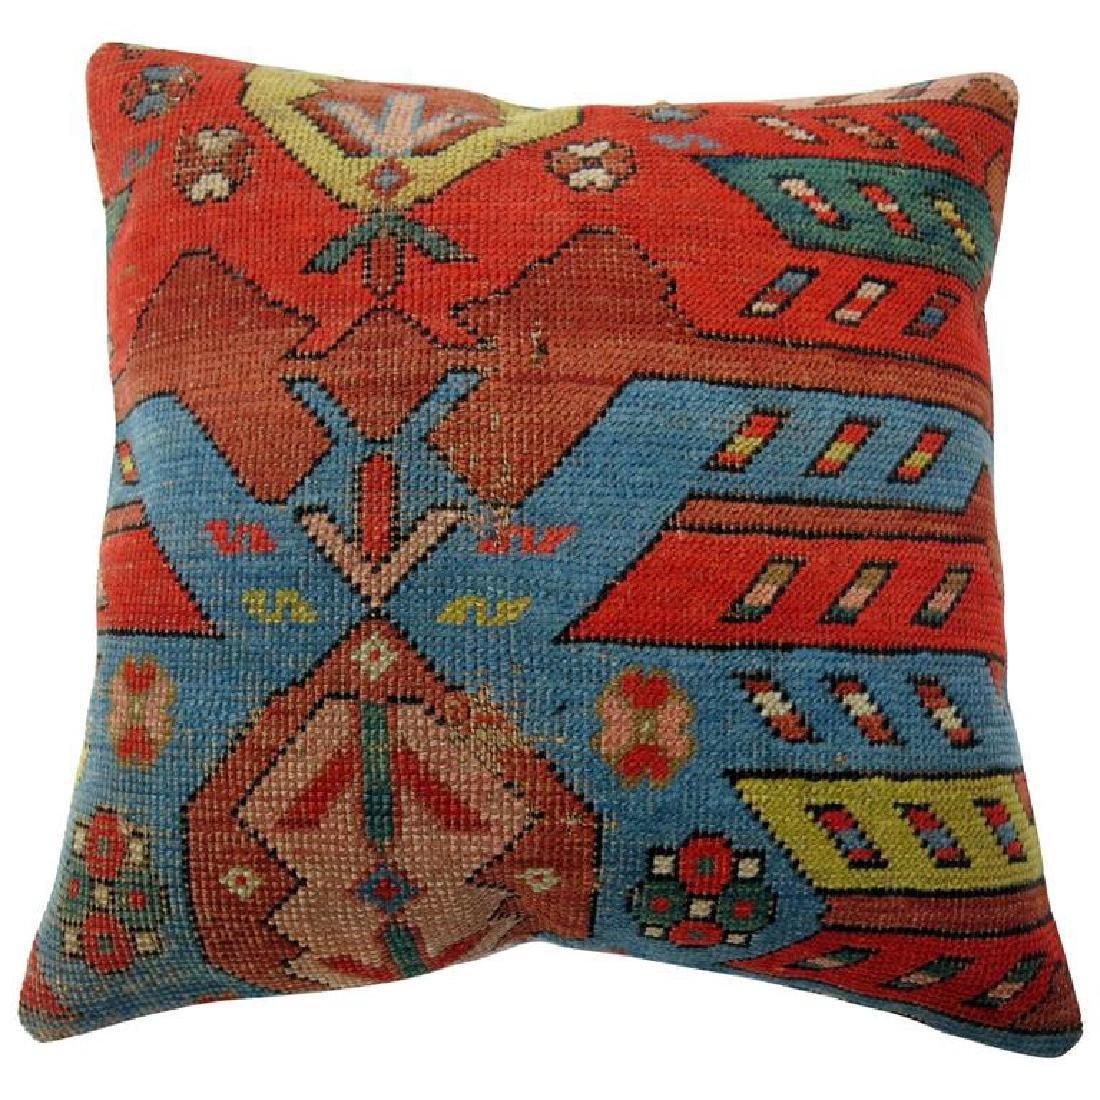 Antique Karabagh Rug Pillow 1.5x1.6